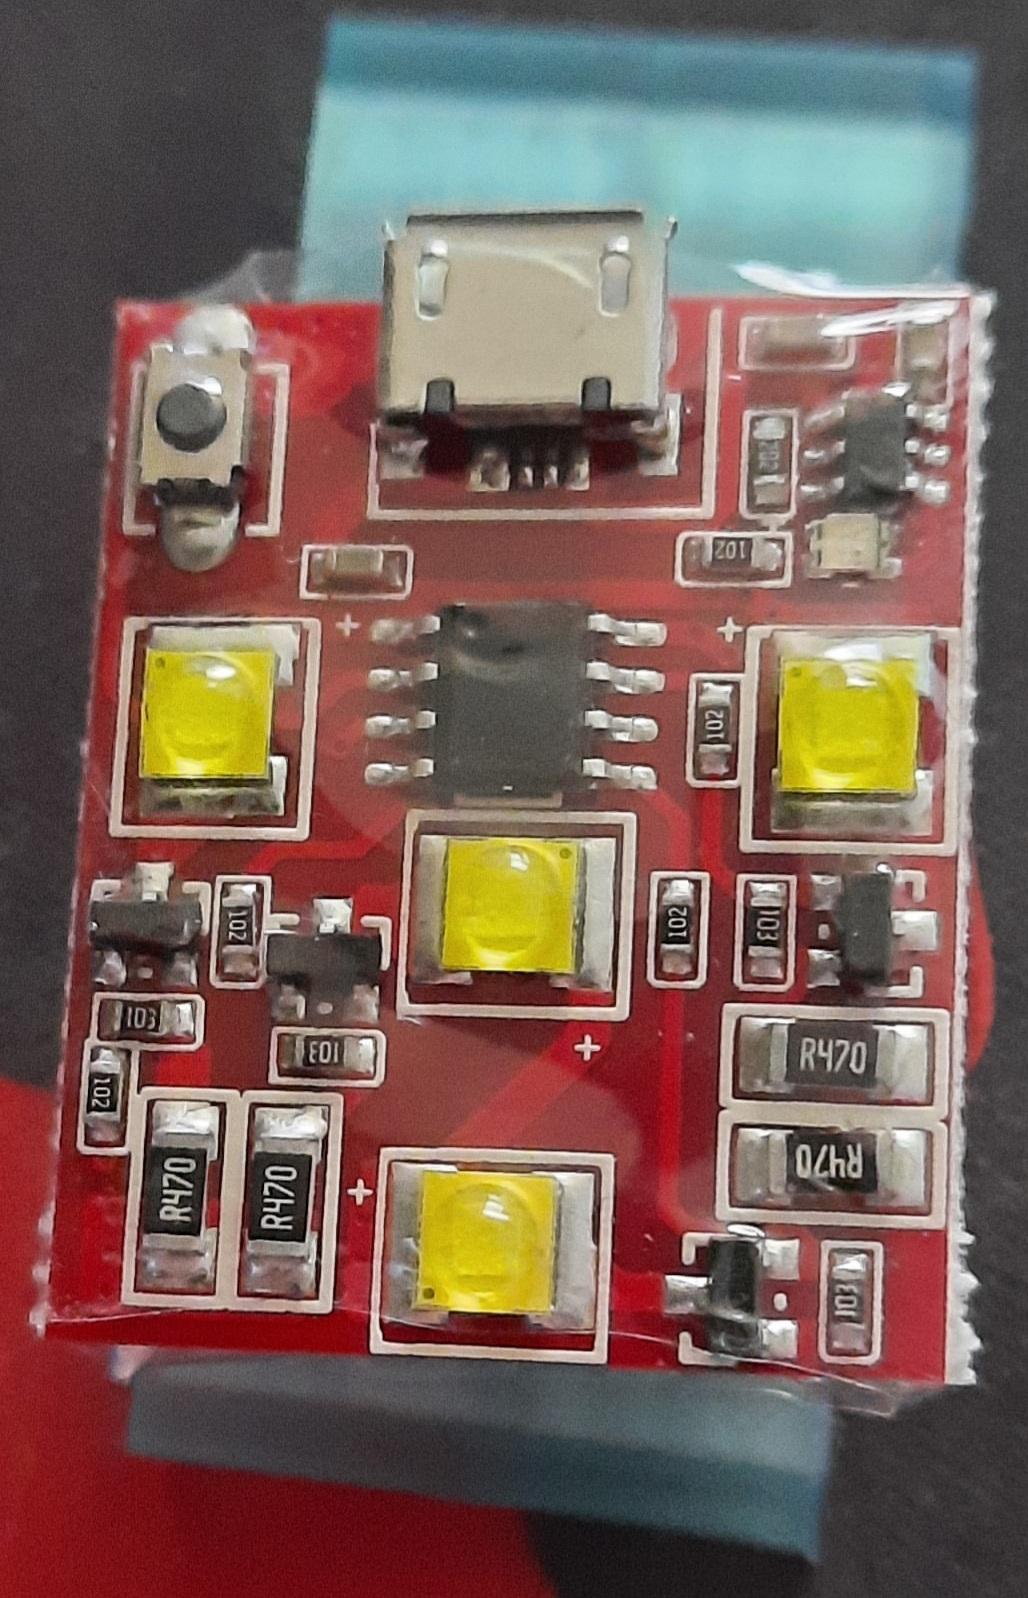 FirehouseTechnology